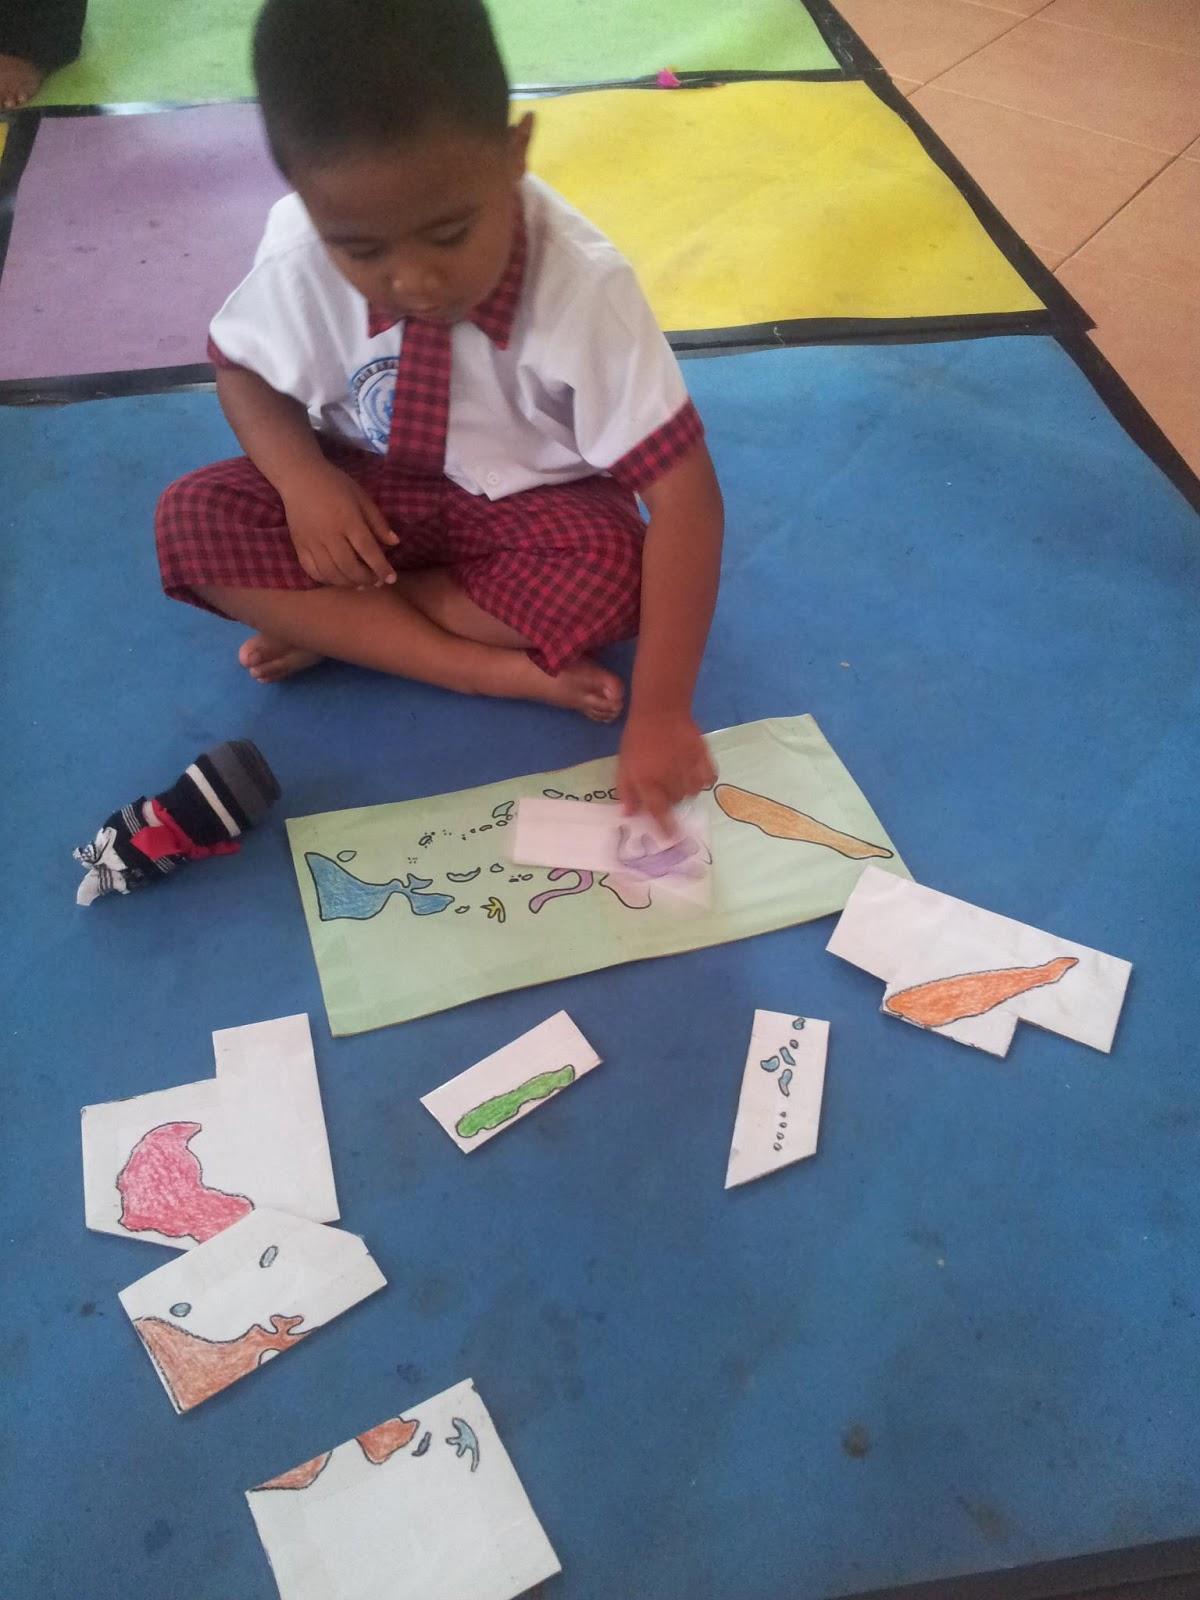 Kurikulum Taman Kanak Kanak 2013 Laman Web Rasmi Jabatan Kemajuan Masyarakat Kemas Kumpulan Tips Pendidikan Kreatif Dari Pendidik Guru Untuk Anak Usia